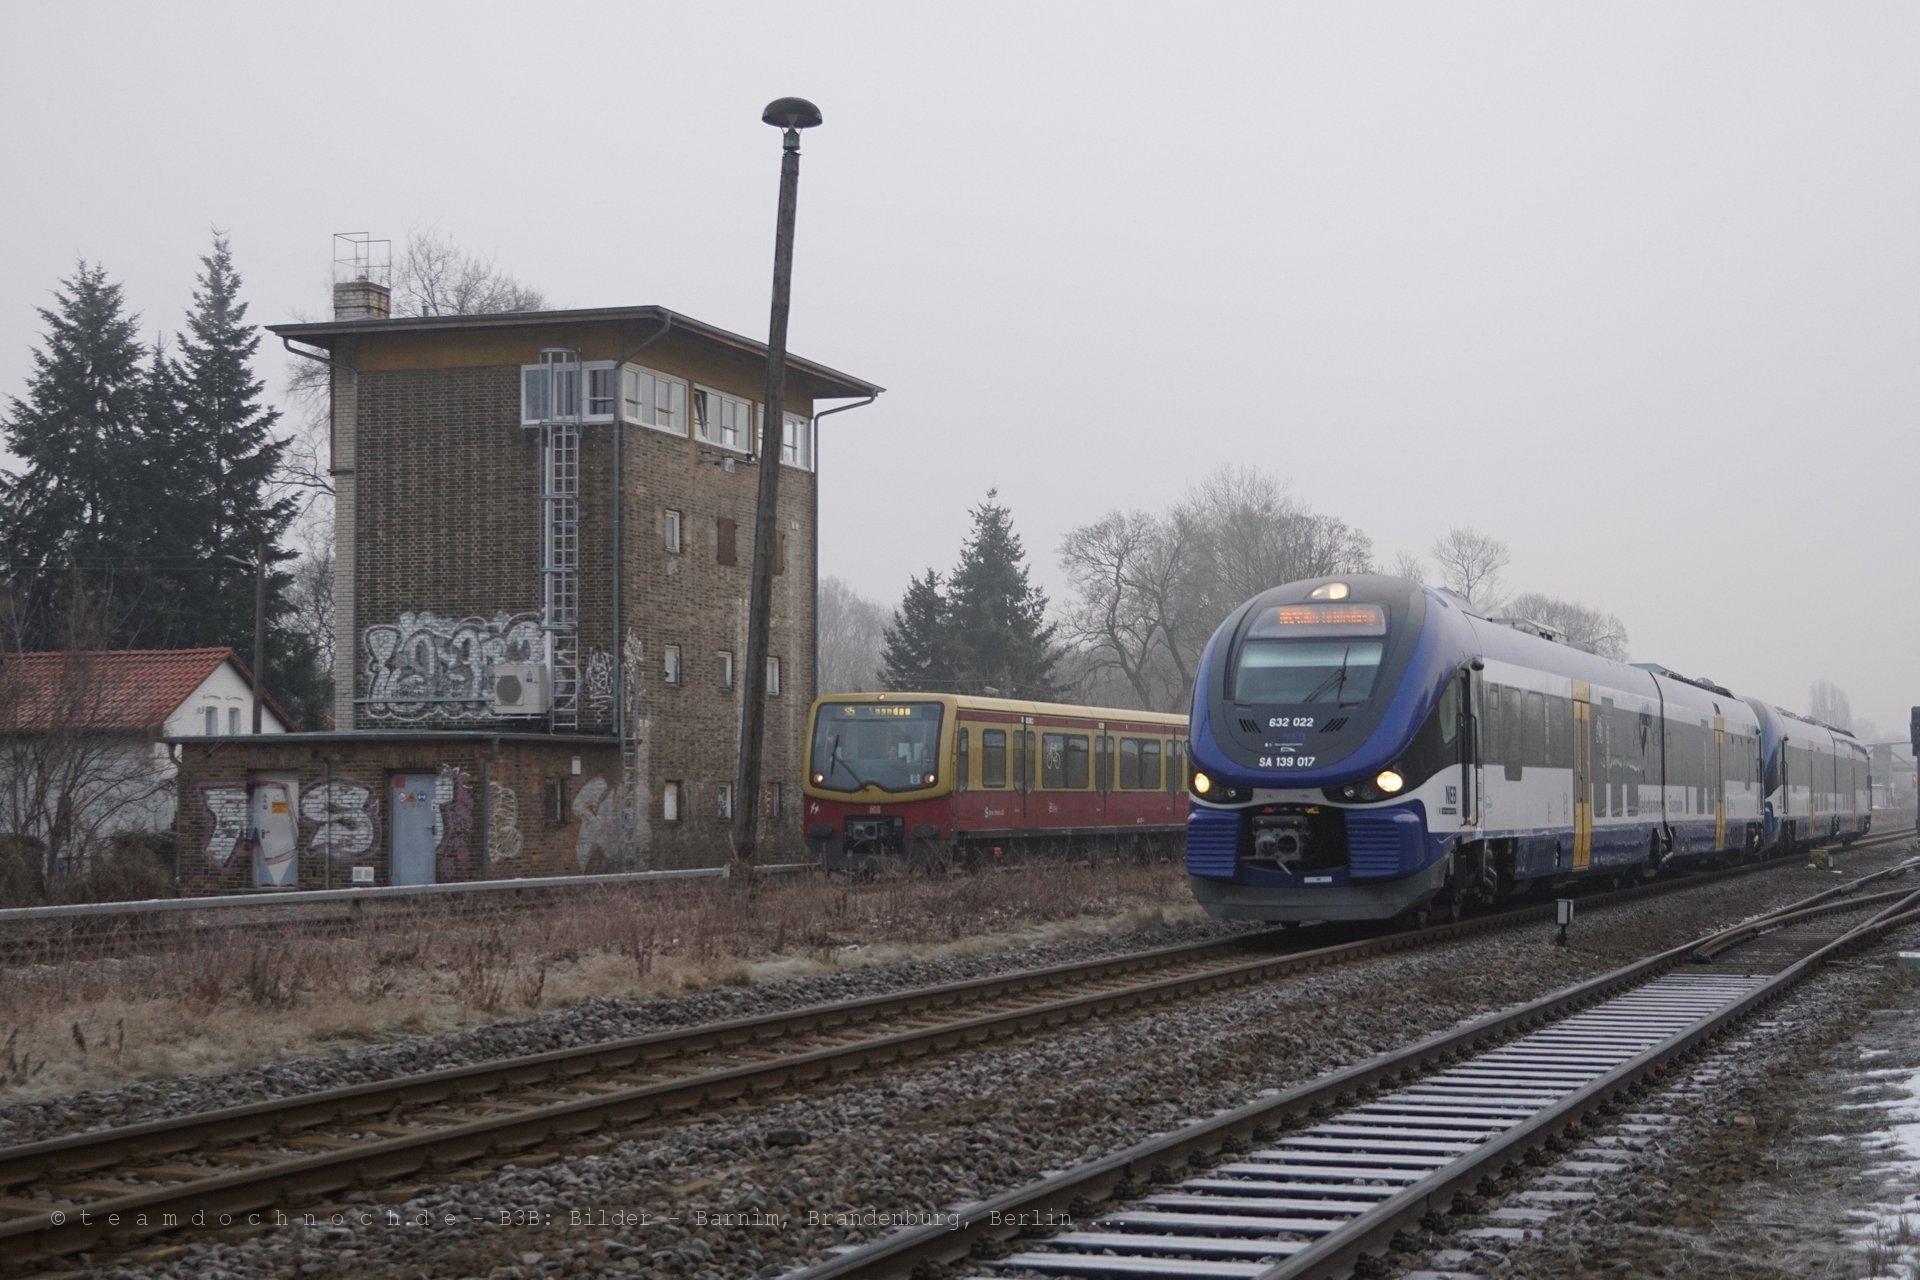 Parallelausfahrt von NEB und S-Bahn am Bahnhof Fredersdorf (b Berlin)